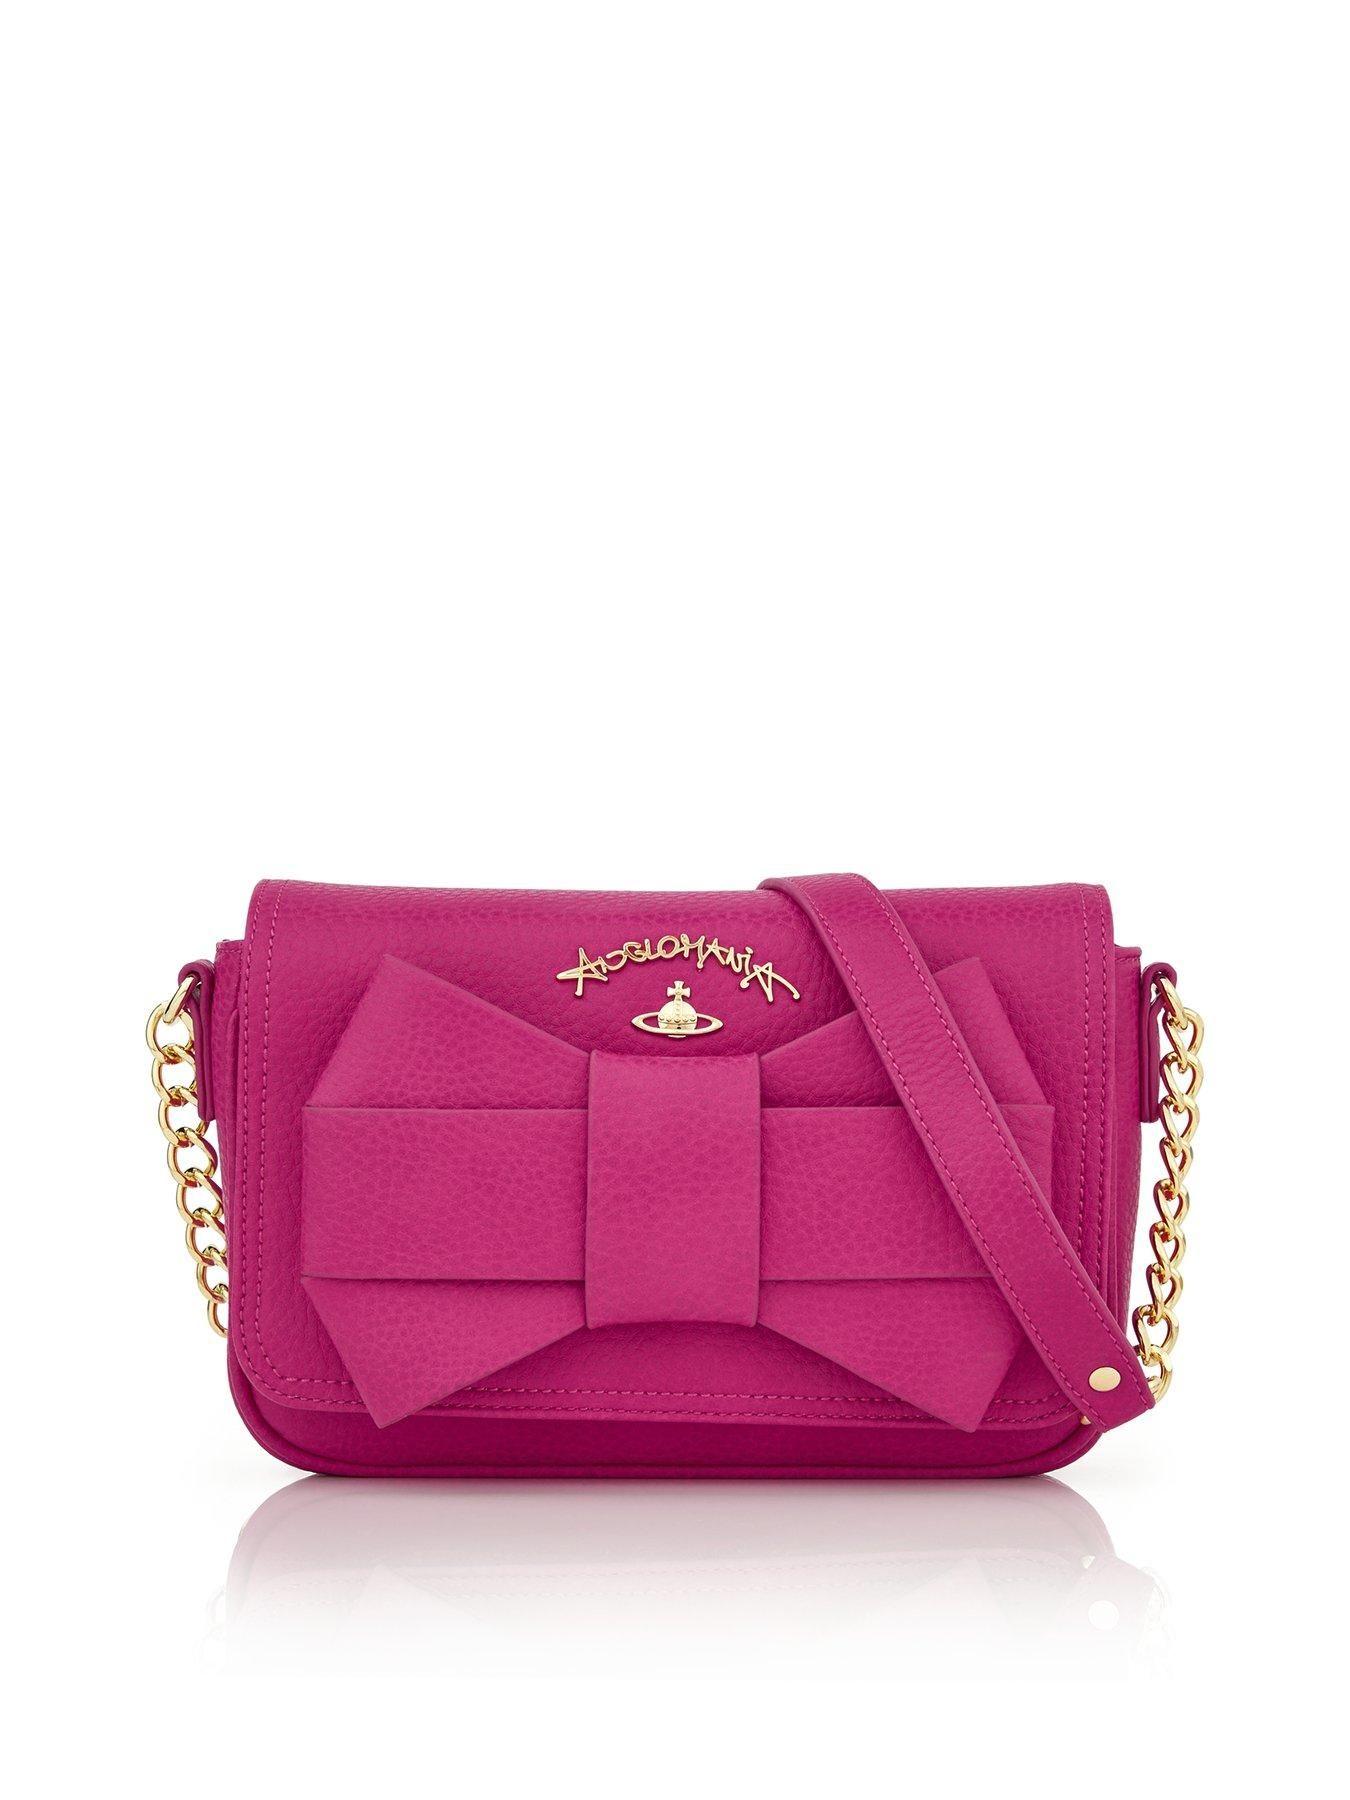 f67871ede4 VIVIENNE WESTWOOD Bow Chain Shoulder Bag - PinkSize   Fit Dimensions   Height  16 cm x Width  22 cm x Depth  5 cm Handle drop  27.5 cm Details Bow  Chain ...